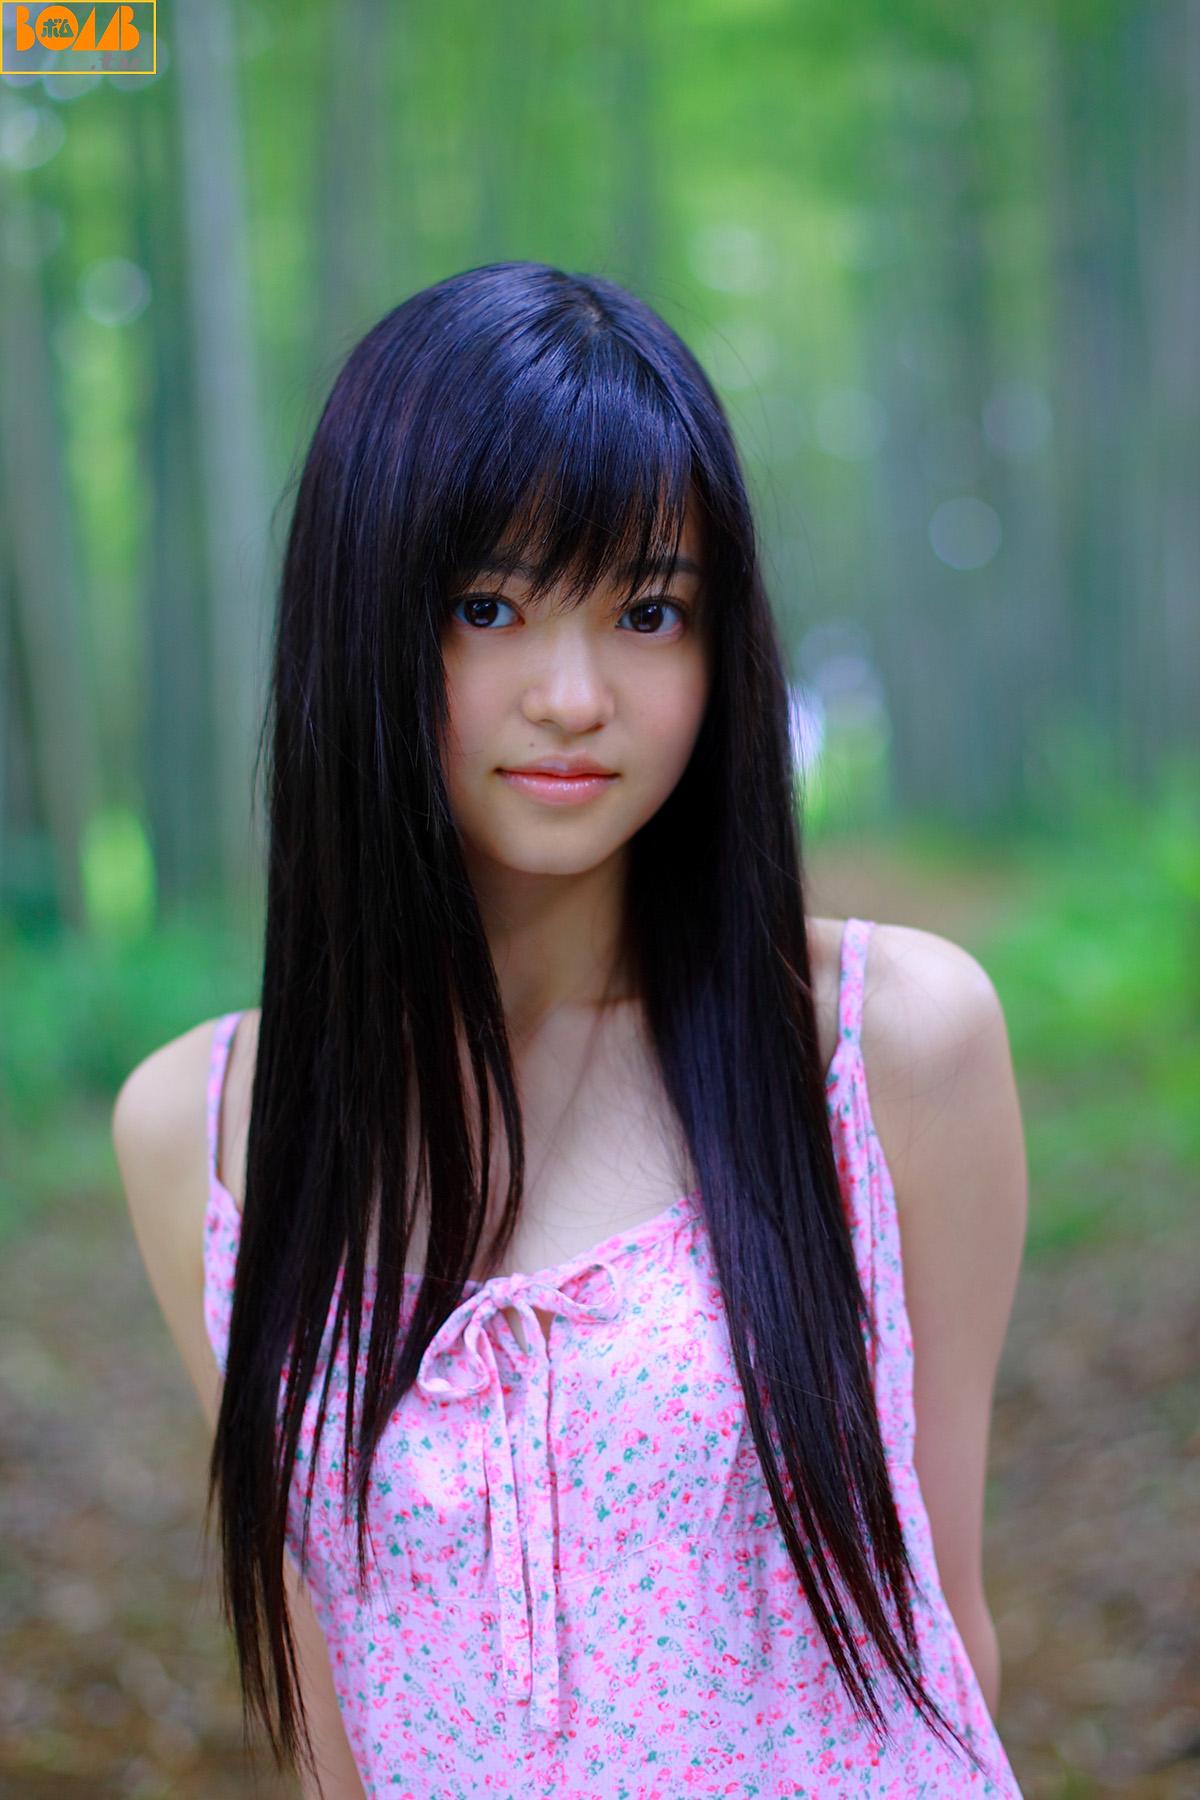 Ryoko Kobayashi ~ Bomb.tv Channel B [2006.07] - idols